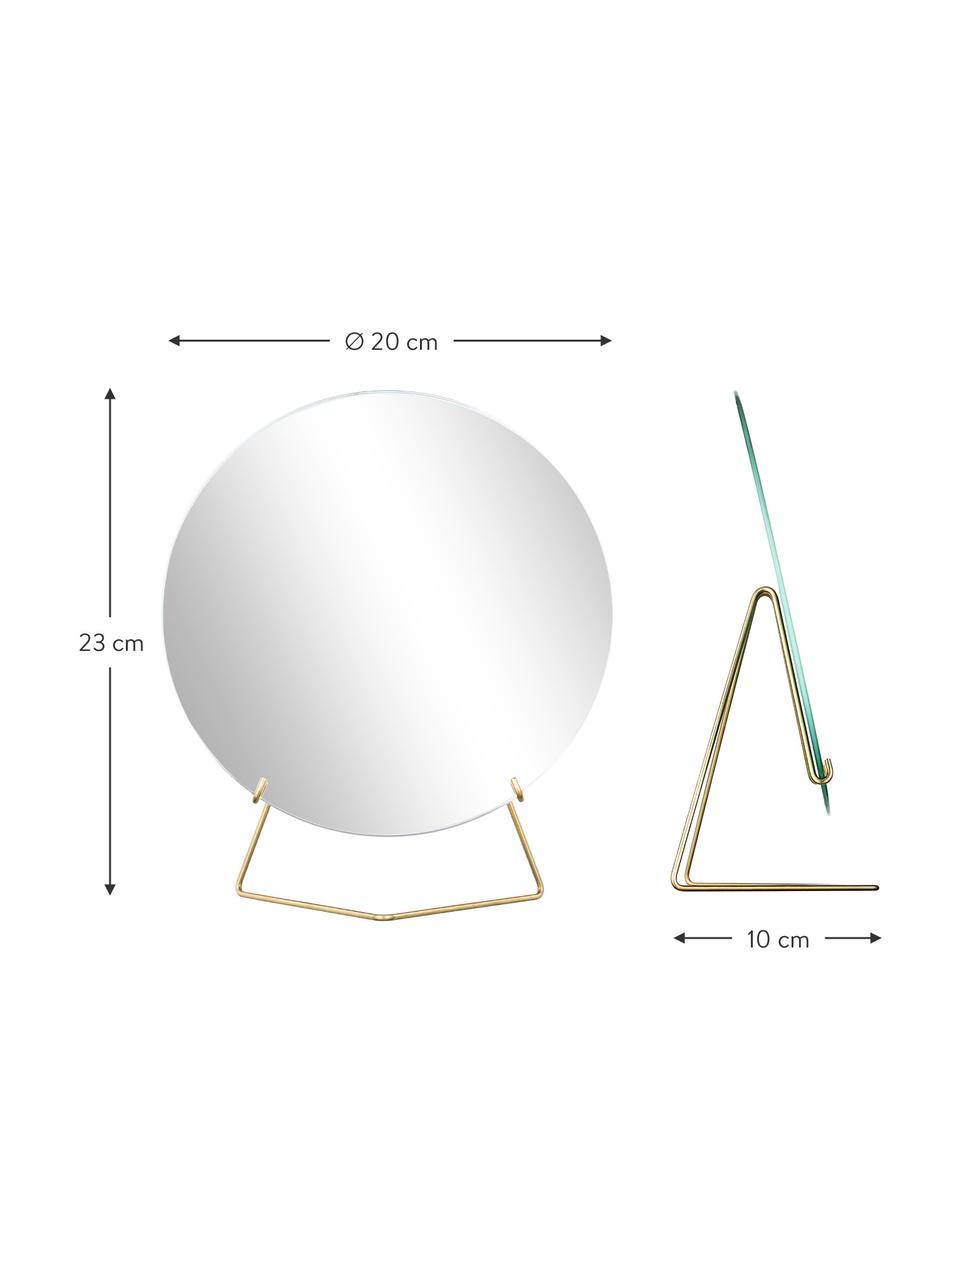 Runder Kosmetikspiegel Standing Mirror mit goldenem Stahlrahmen, Gestell: Stahl, pulverbeschichtet, Spiegelfläche: Spiegelglas, Goldfarben, 20 x 23 cm